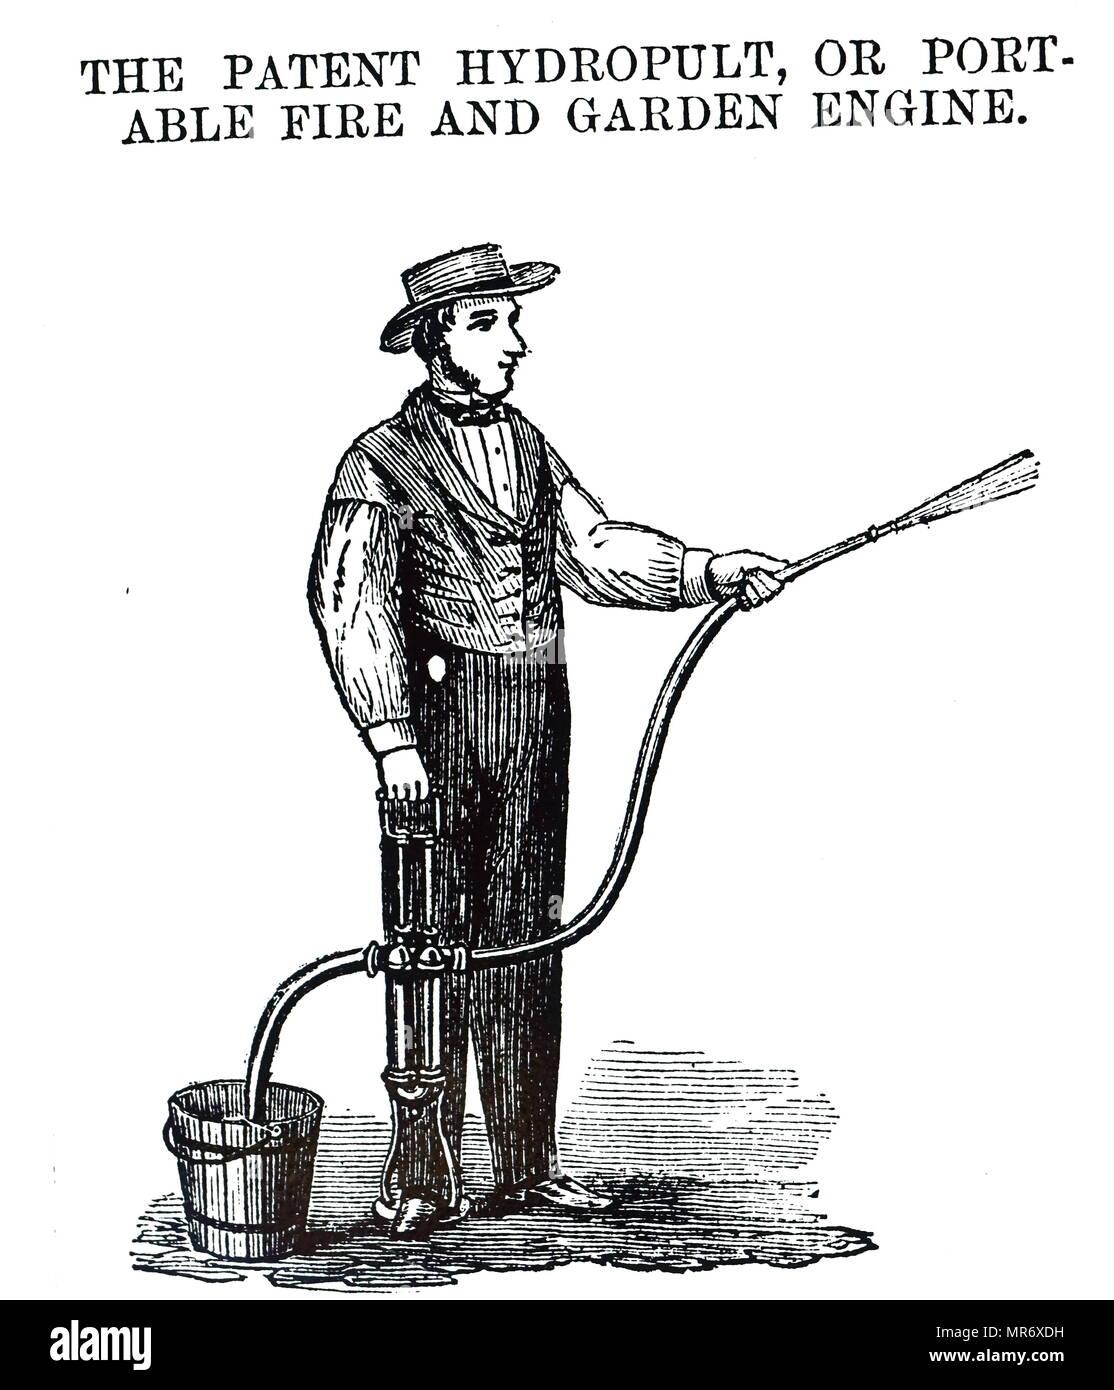 Gravur, eine tragbare Kübelspritze für die Verwendung als Feuerlöscher oder einen Garten sprühen. Vom 19. Jahrhundert Stockbild